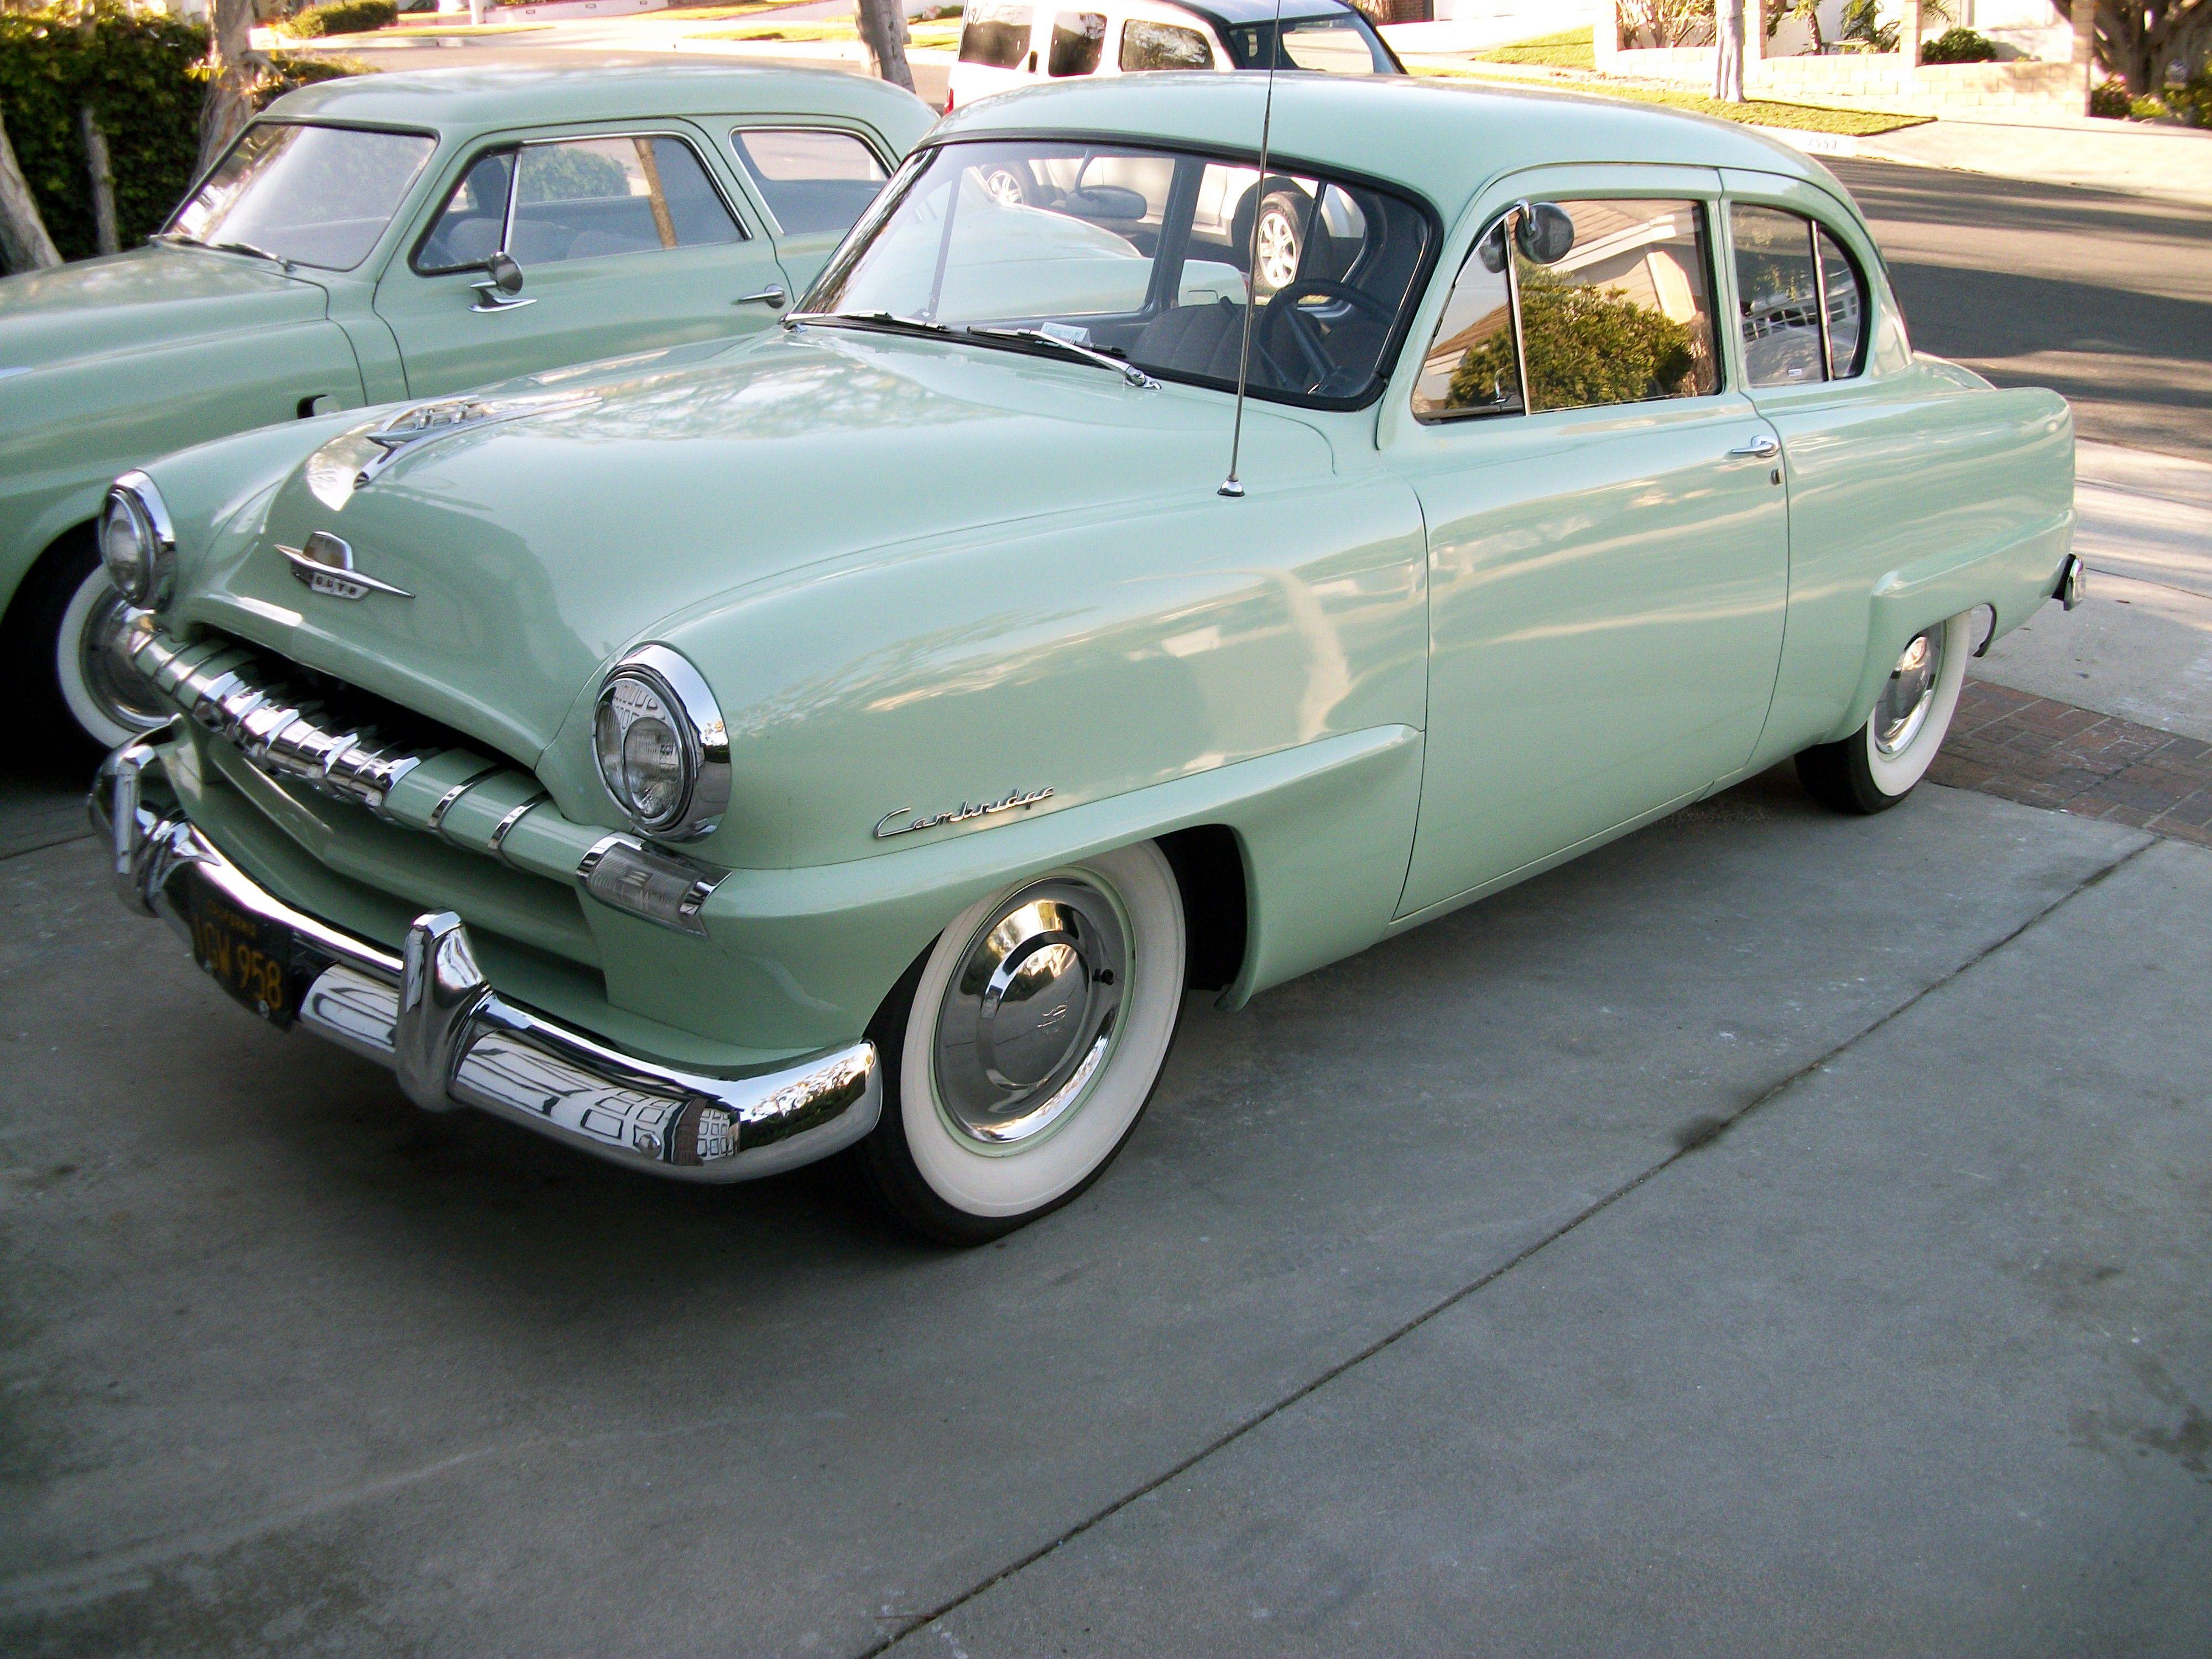 medium resolution of 1953 plymouth cranbrook 2 door sedan